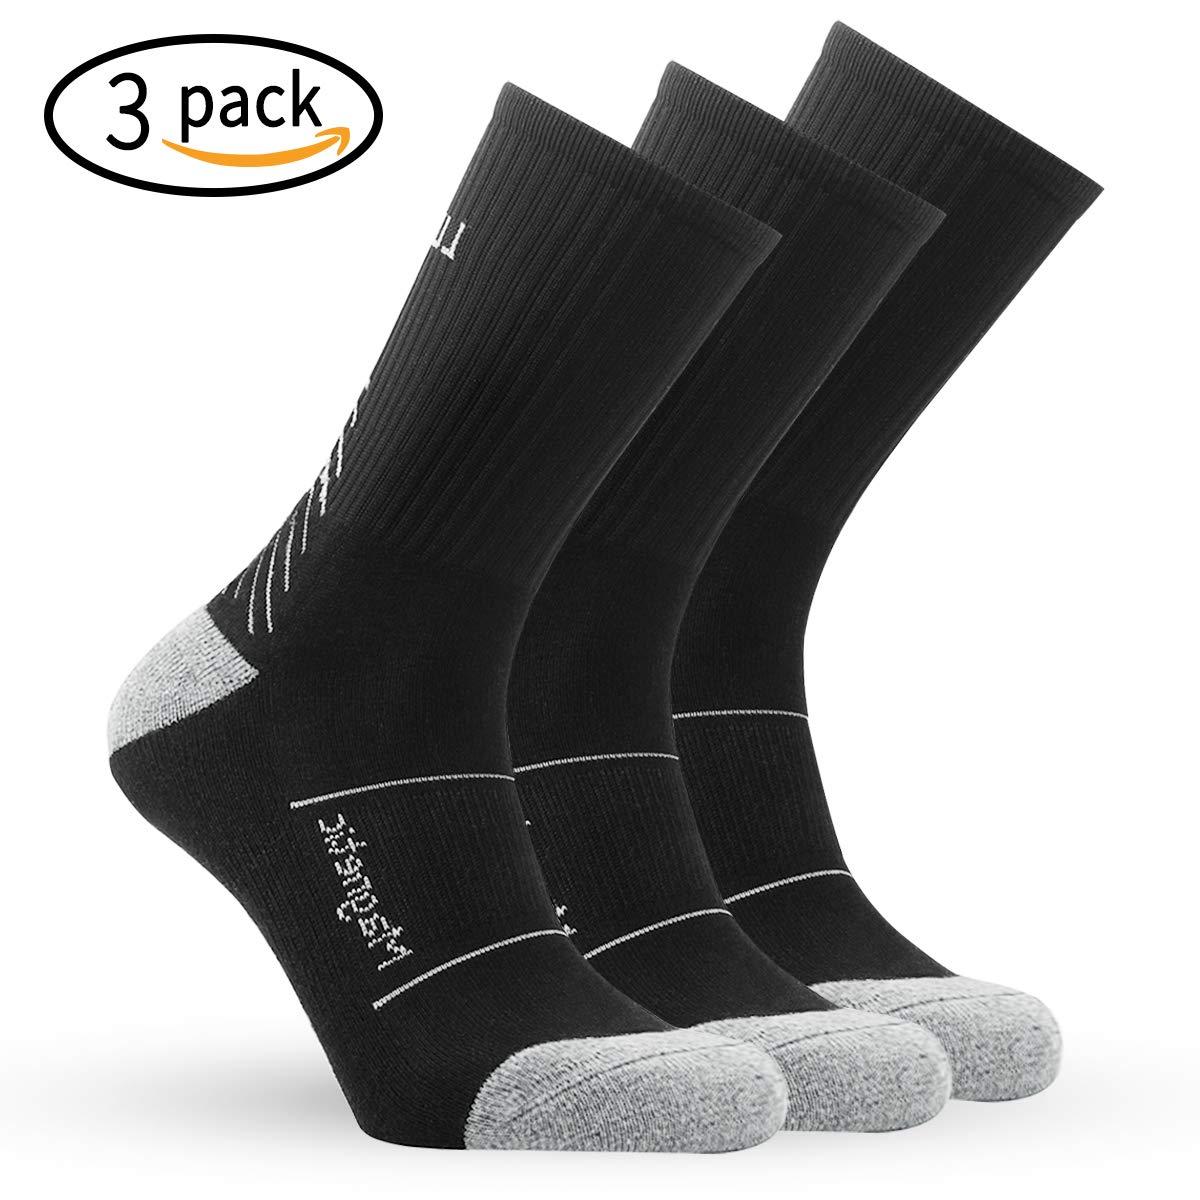 IMITOR Calcetines de Senderismo para Hombre y Mujere Algodón Transpirable Calcetines de Trekking Calcetines Térmicos para Actividades al Aire Libre Ciclismo ...